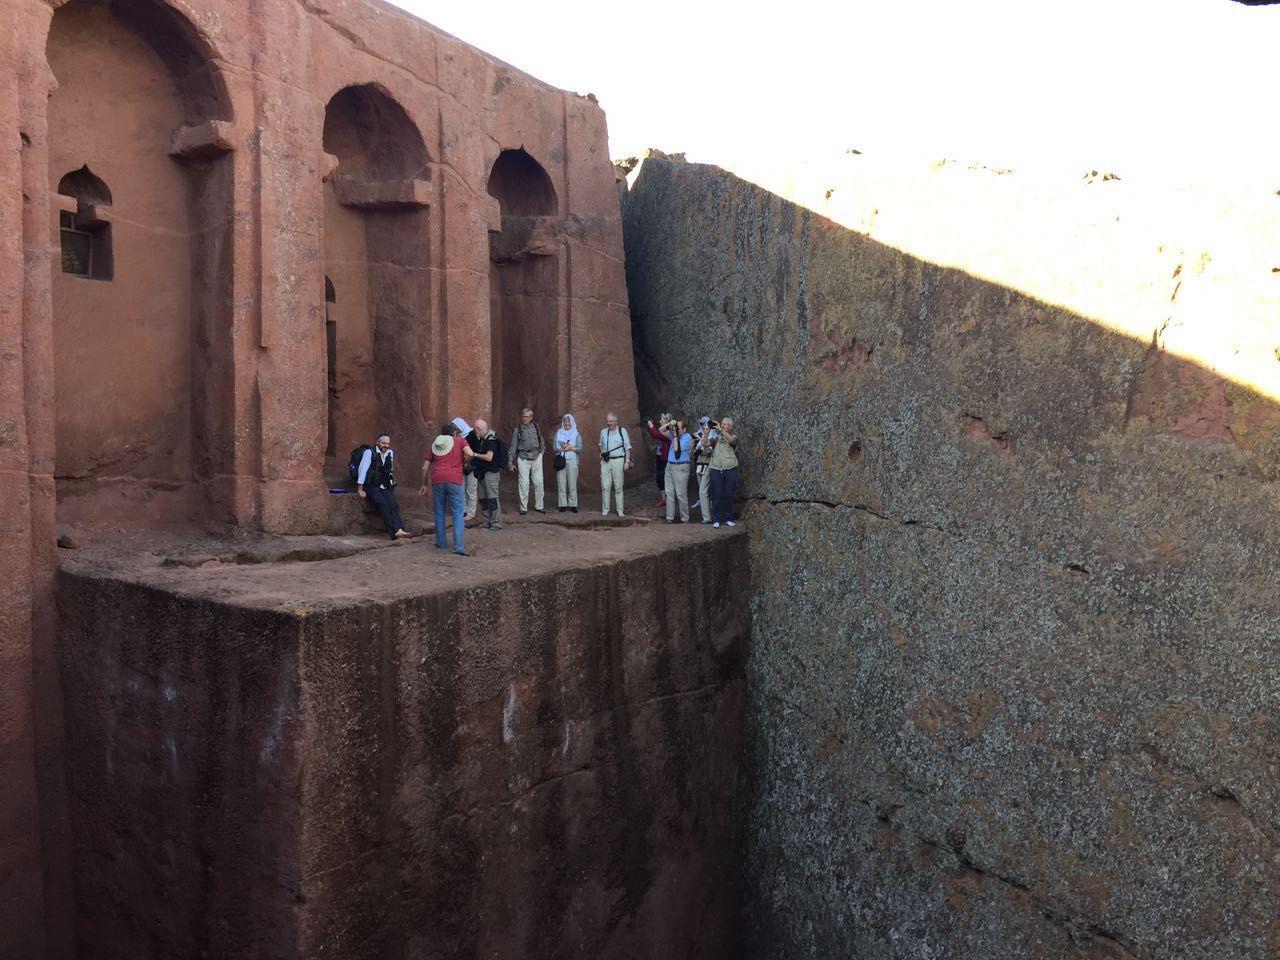 על מדף הסלע אתיופיה